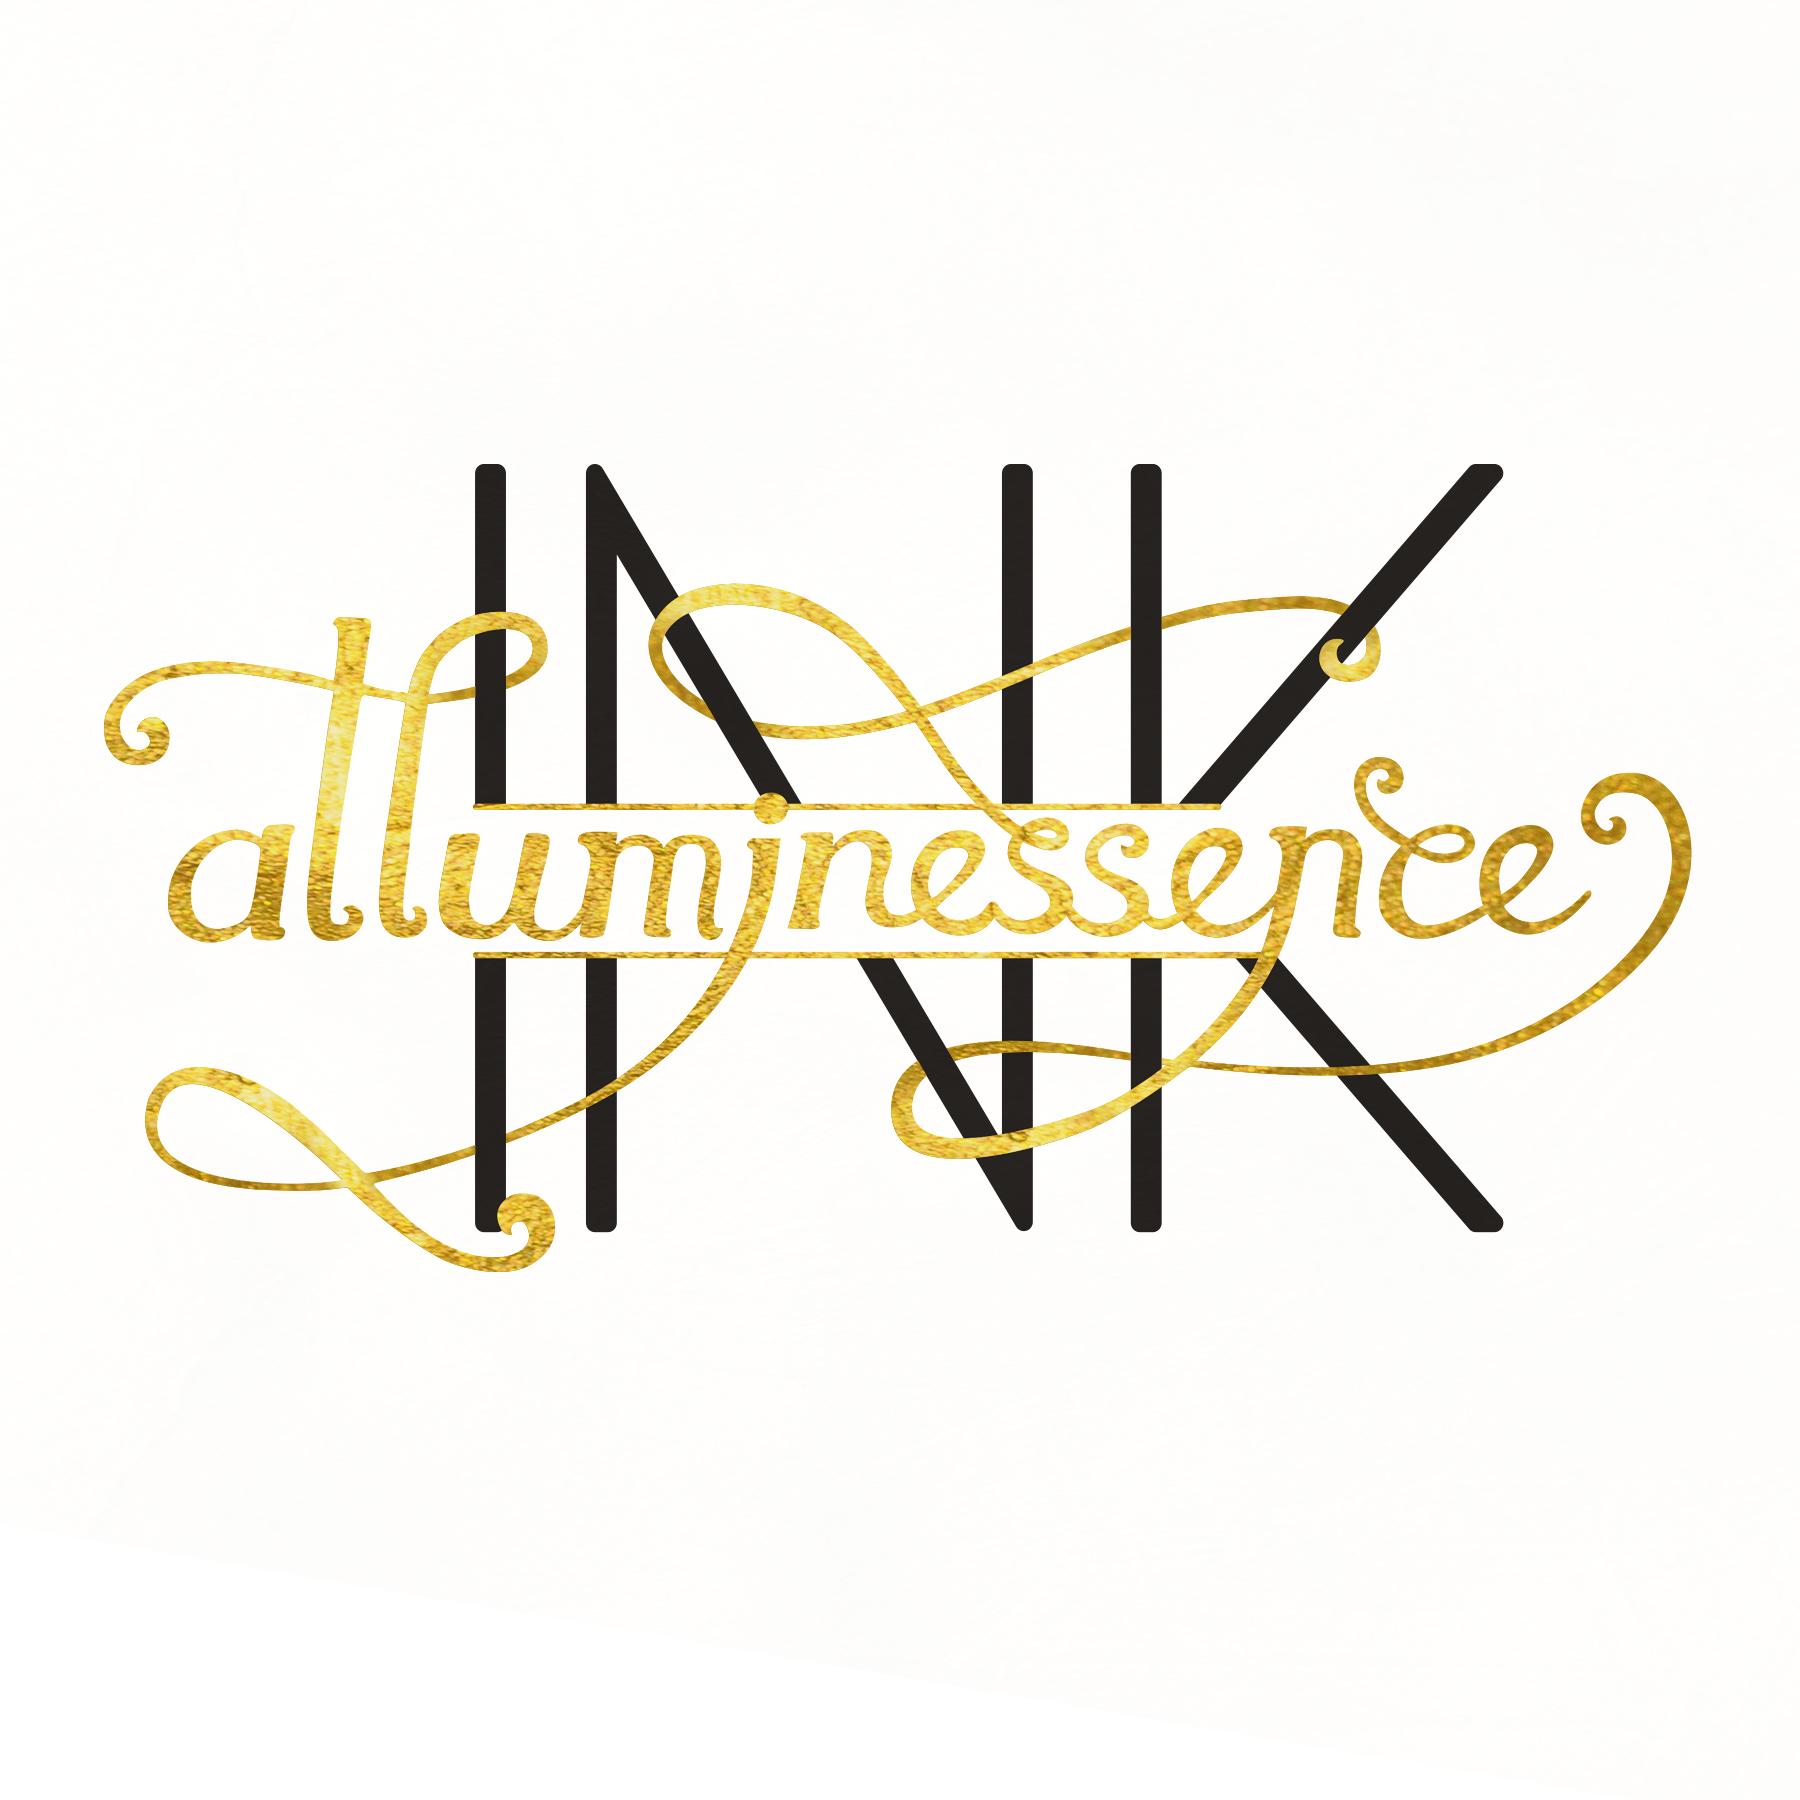 alluninescenceINK.jpg